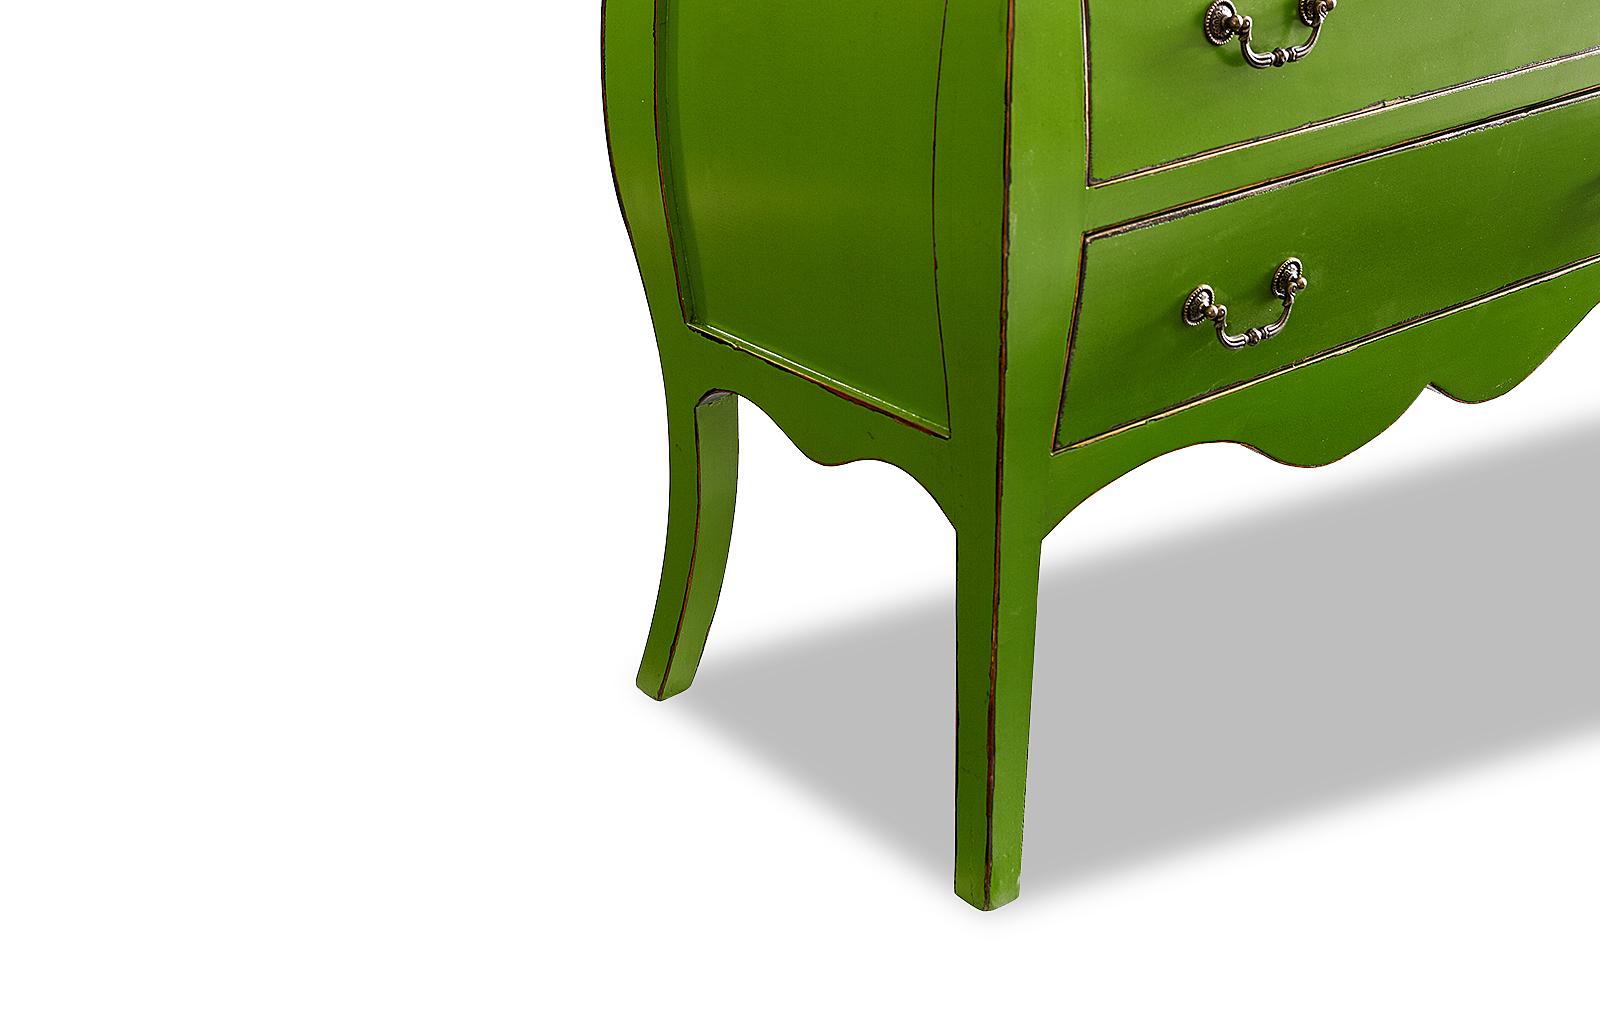 Комод горизонтальный FL-4022 зеленый